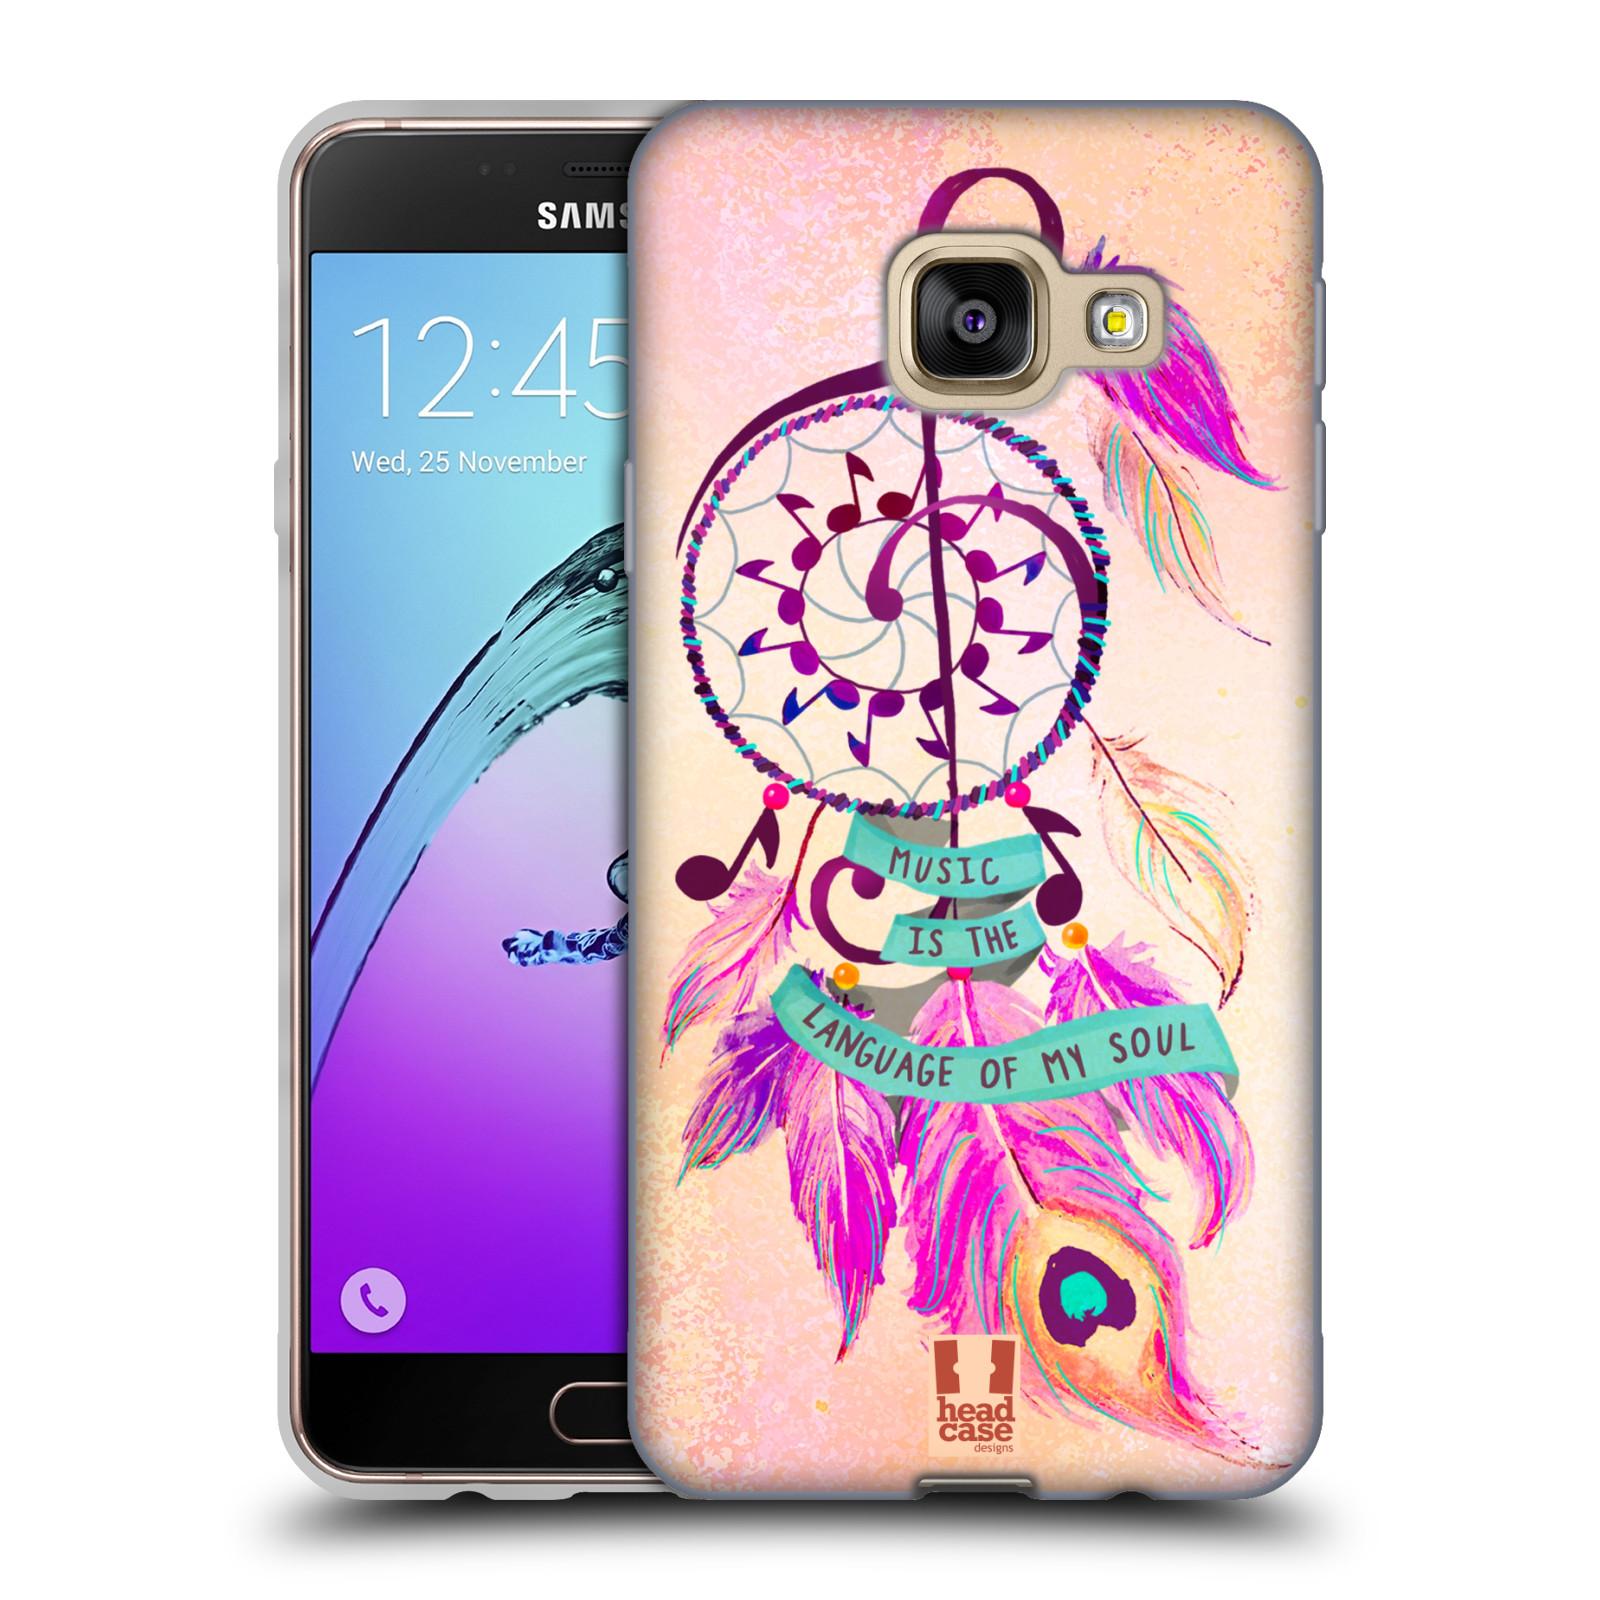 Silikonové pouzdro na mobil Samsung Galaxy A3 (2016) HEAD CASE Lapač Assorted Music